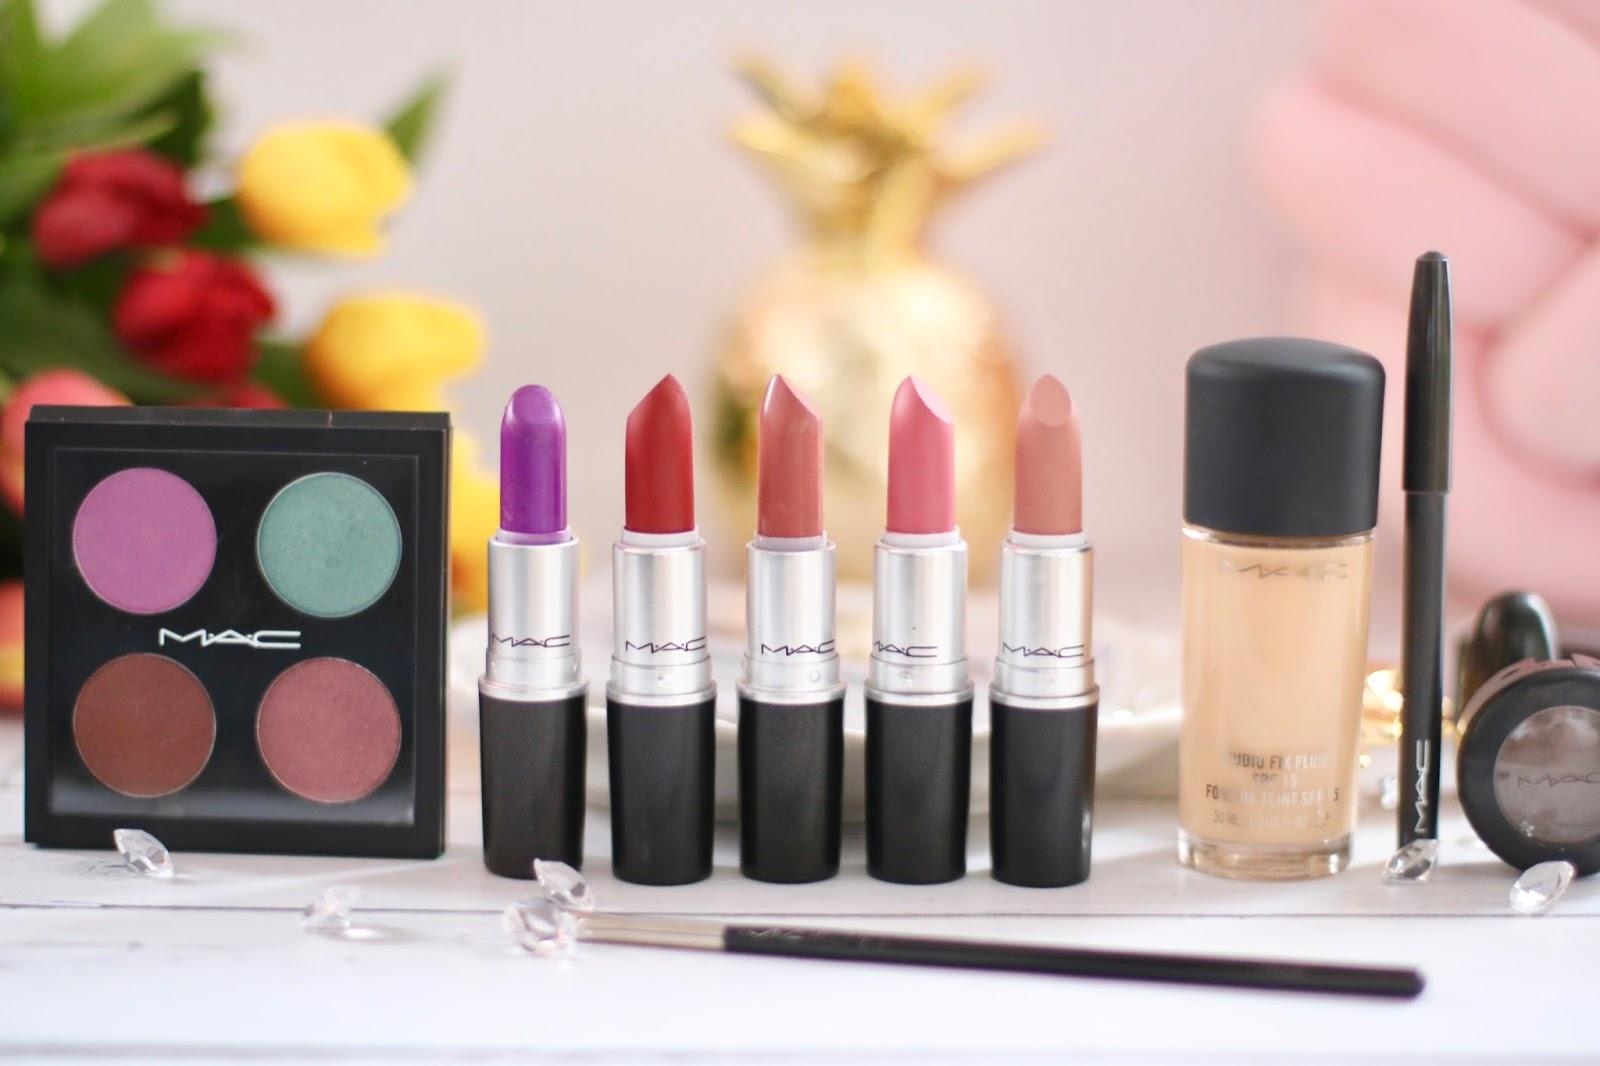 M.A.C. Collection - Moja skromna kolekcja kosmetyków M.A.C.